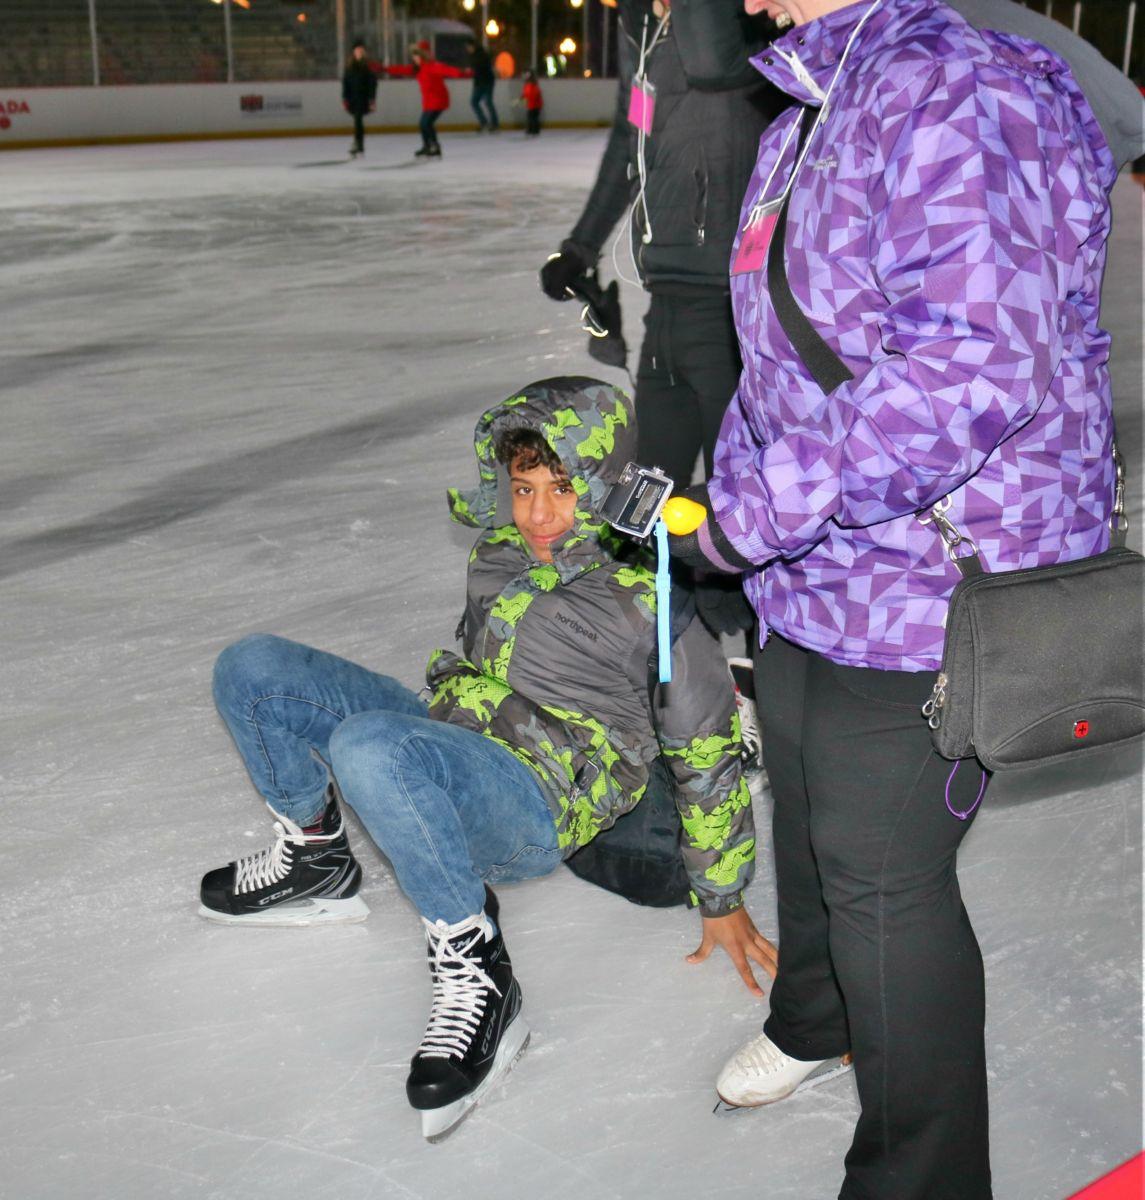 Young boy skating